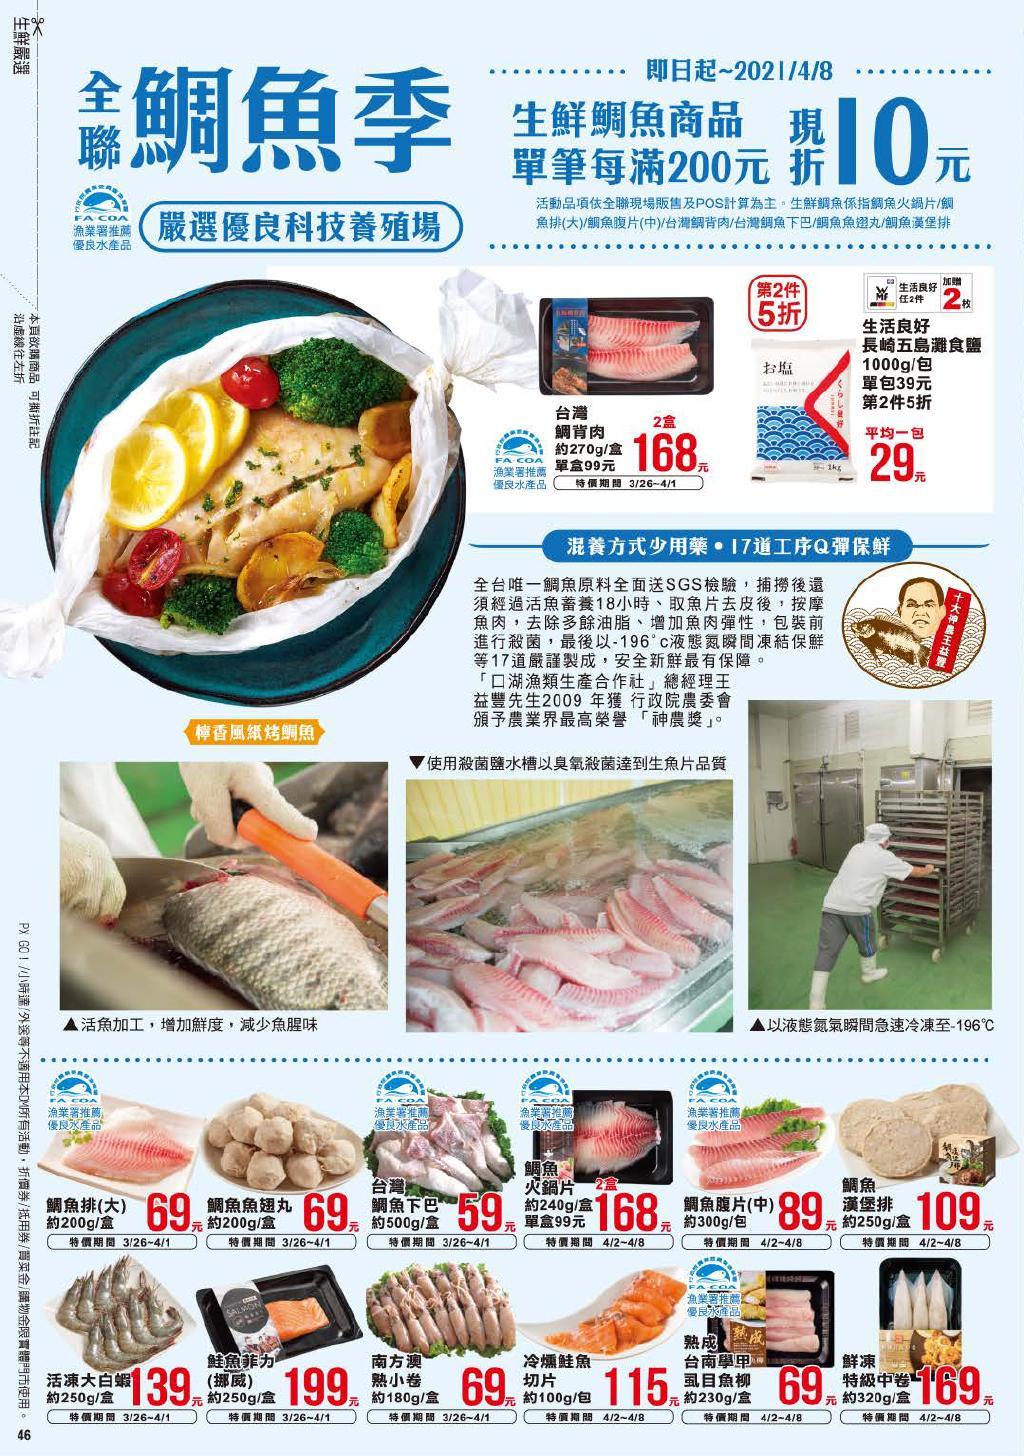 全聯福利中心 DM【2021/4/8 止】全聯生活誌》鯛魚季